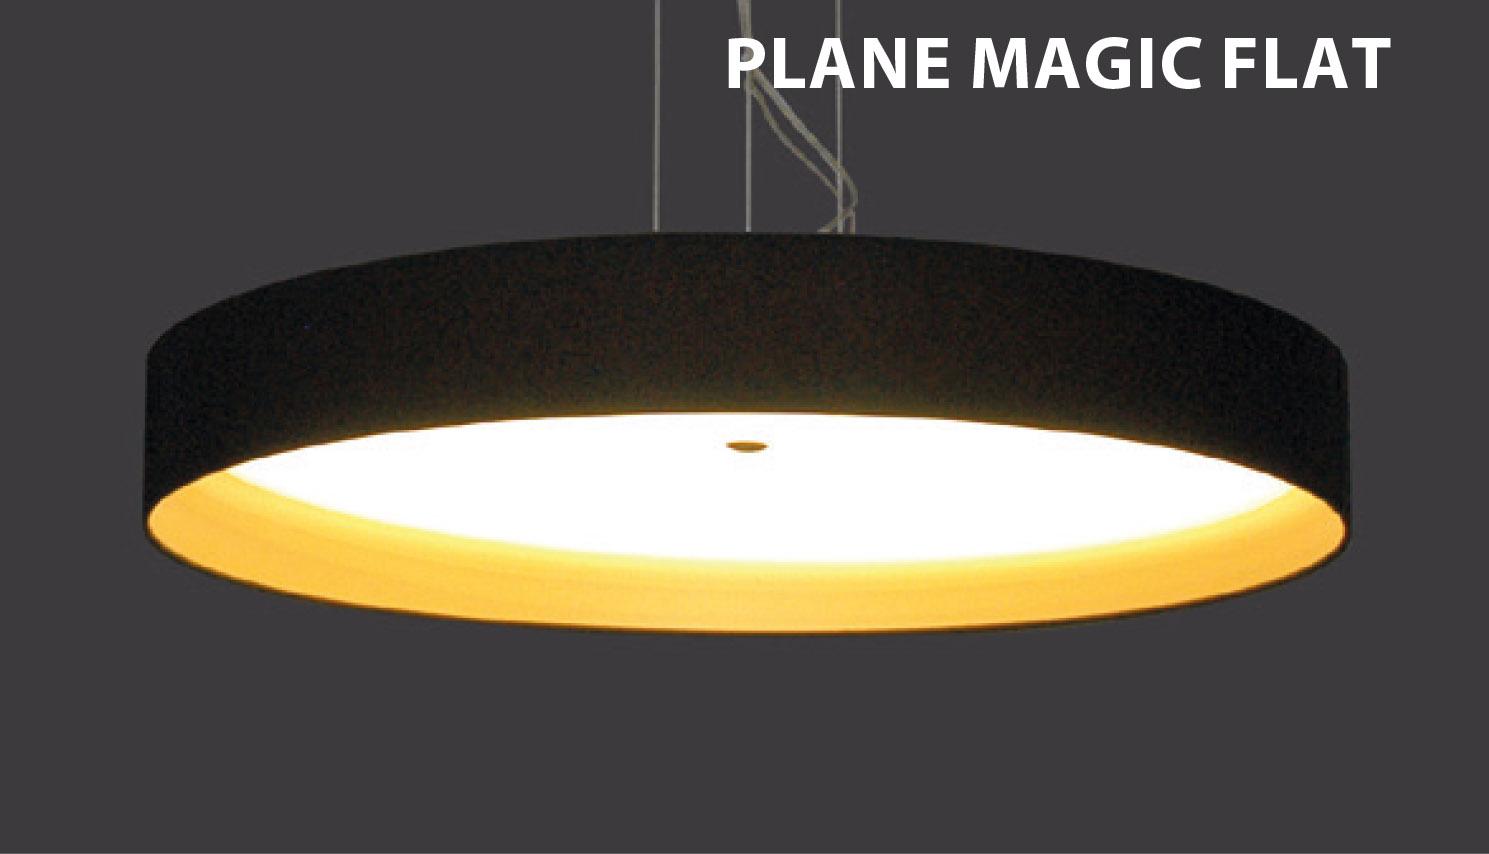 Plane Magic Flat